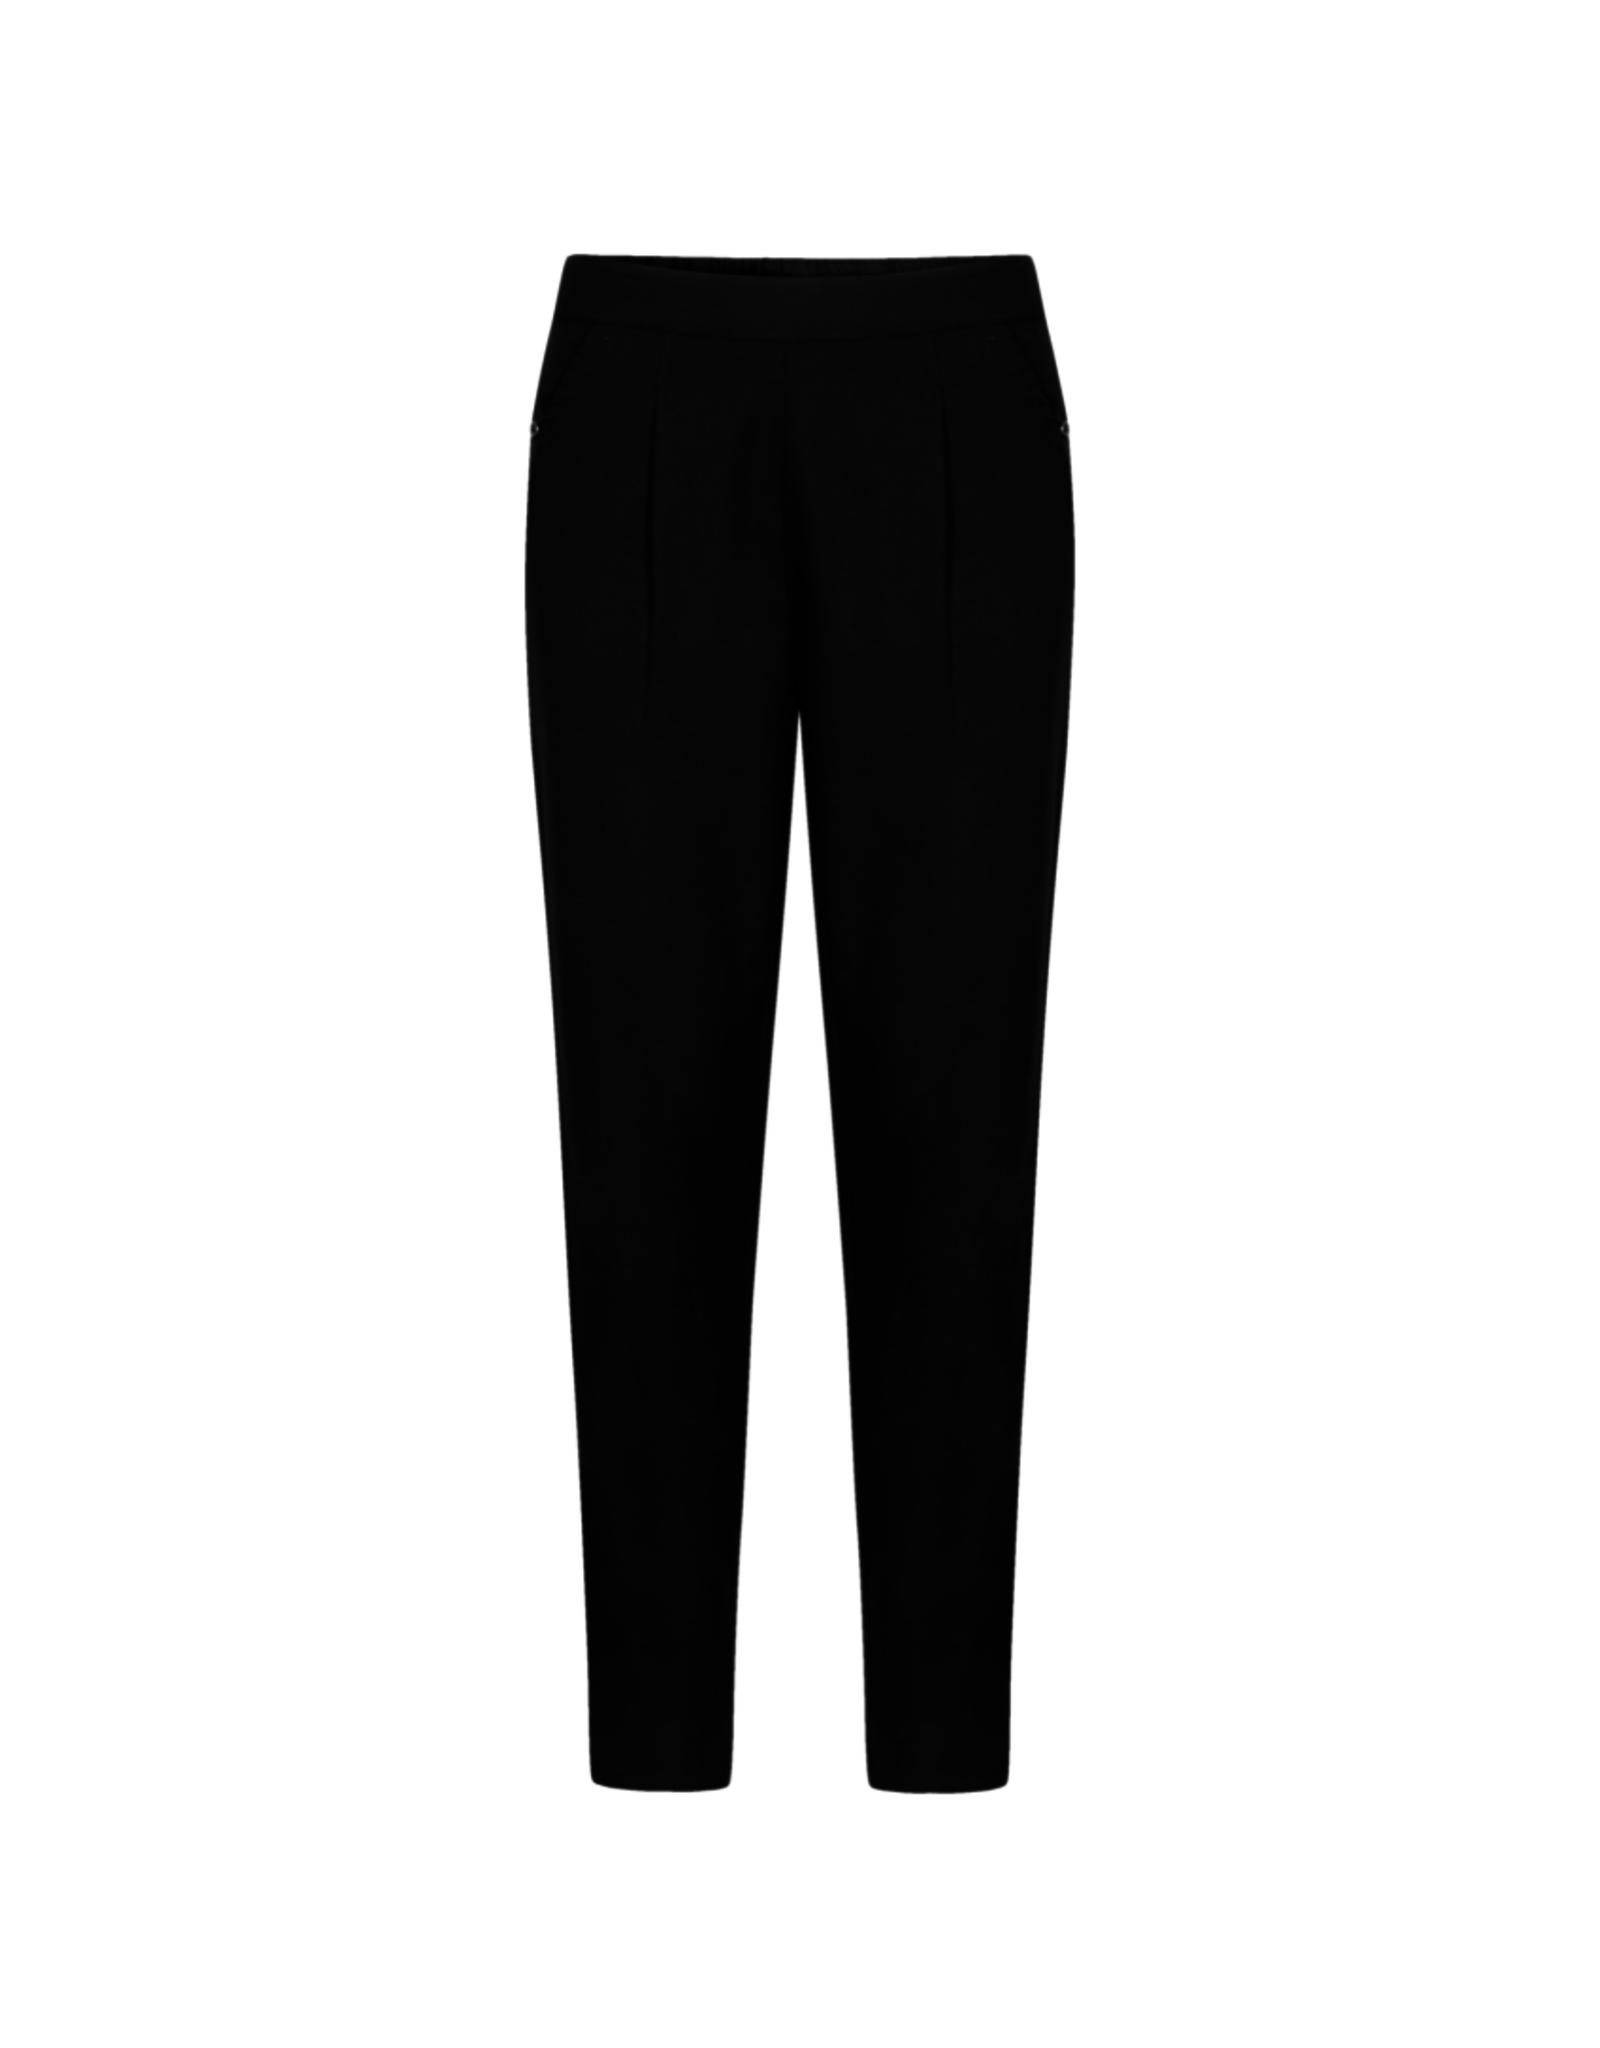 Gai&Lisva Pantalon 'Farina' Katoen - Zwart